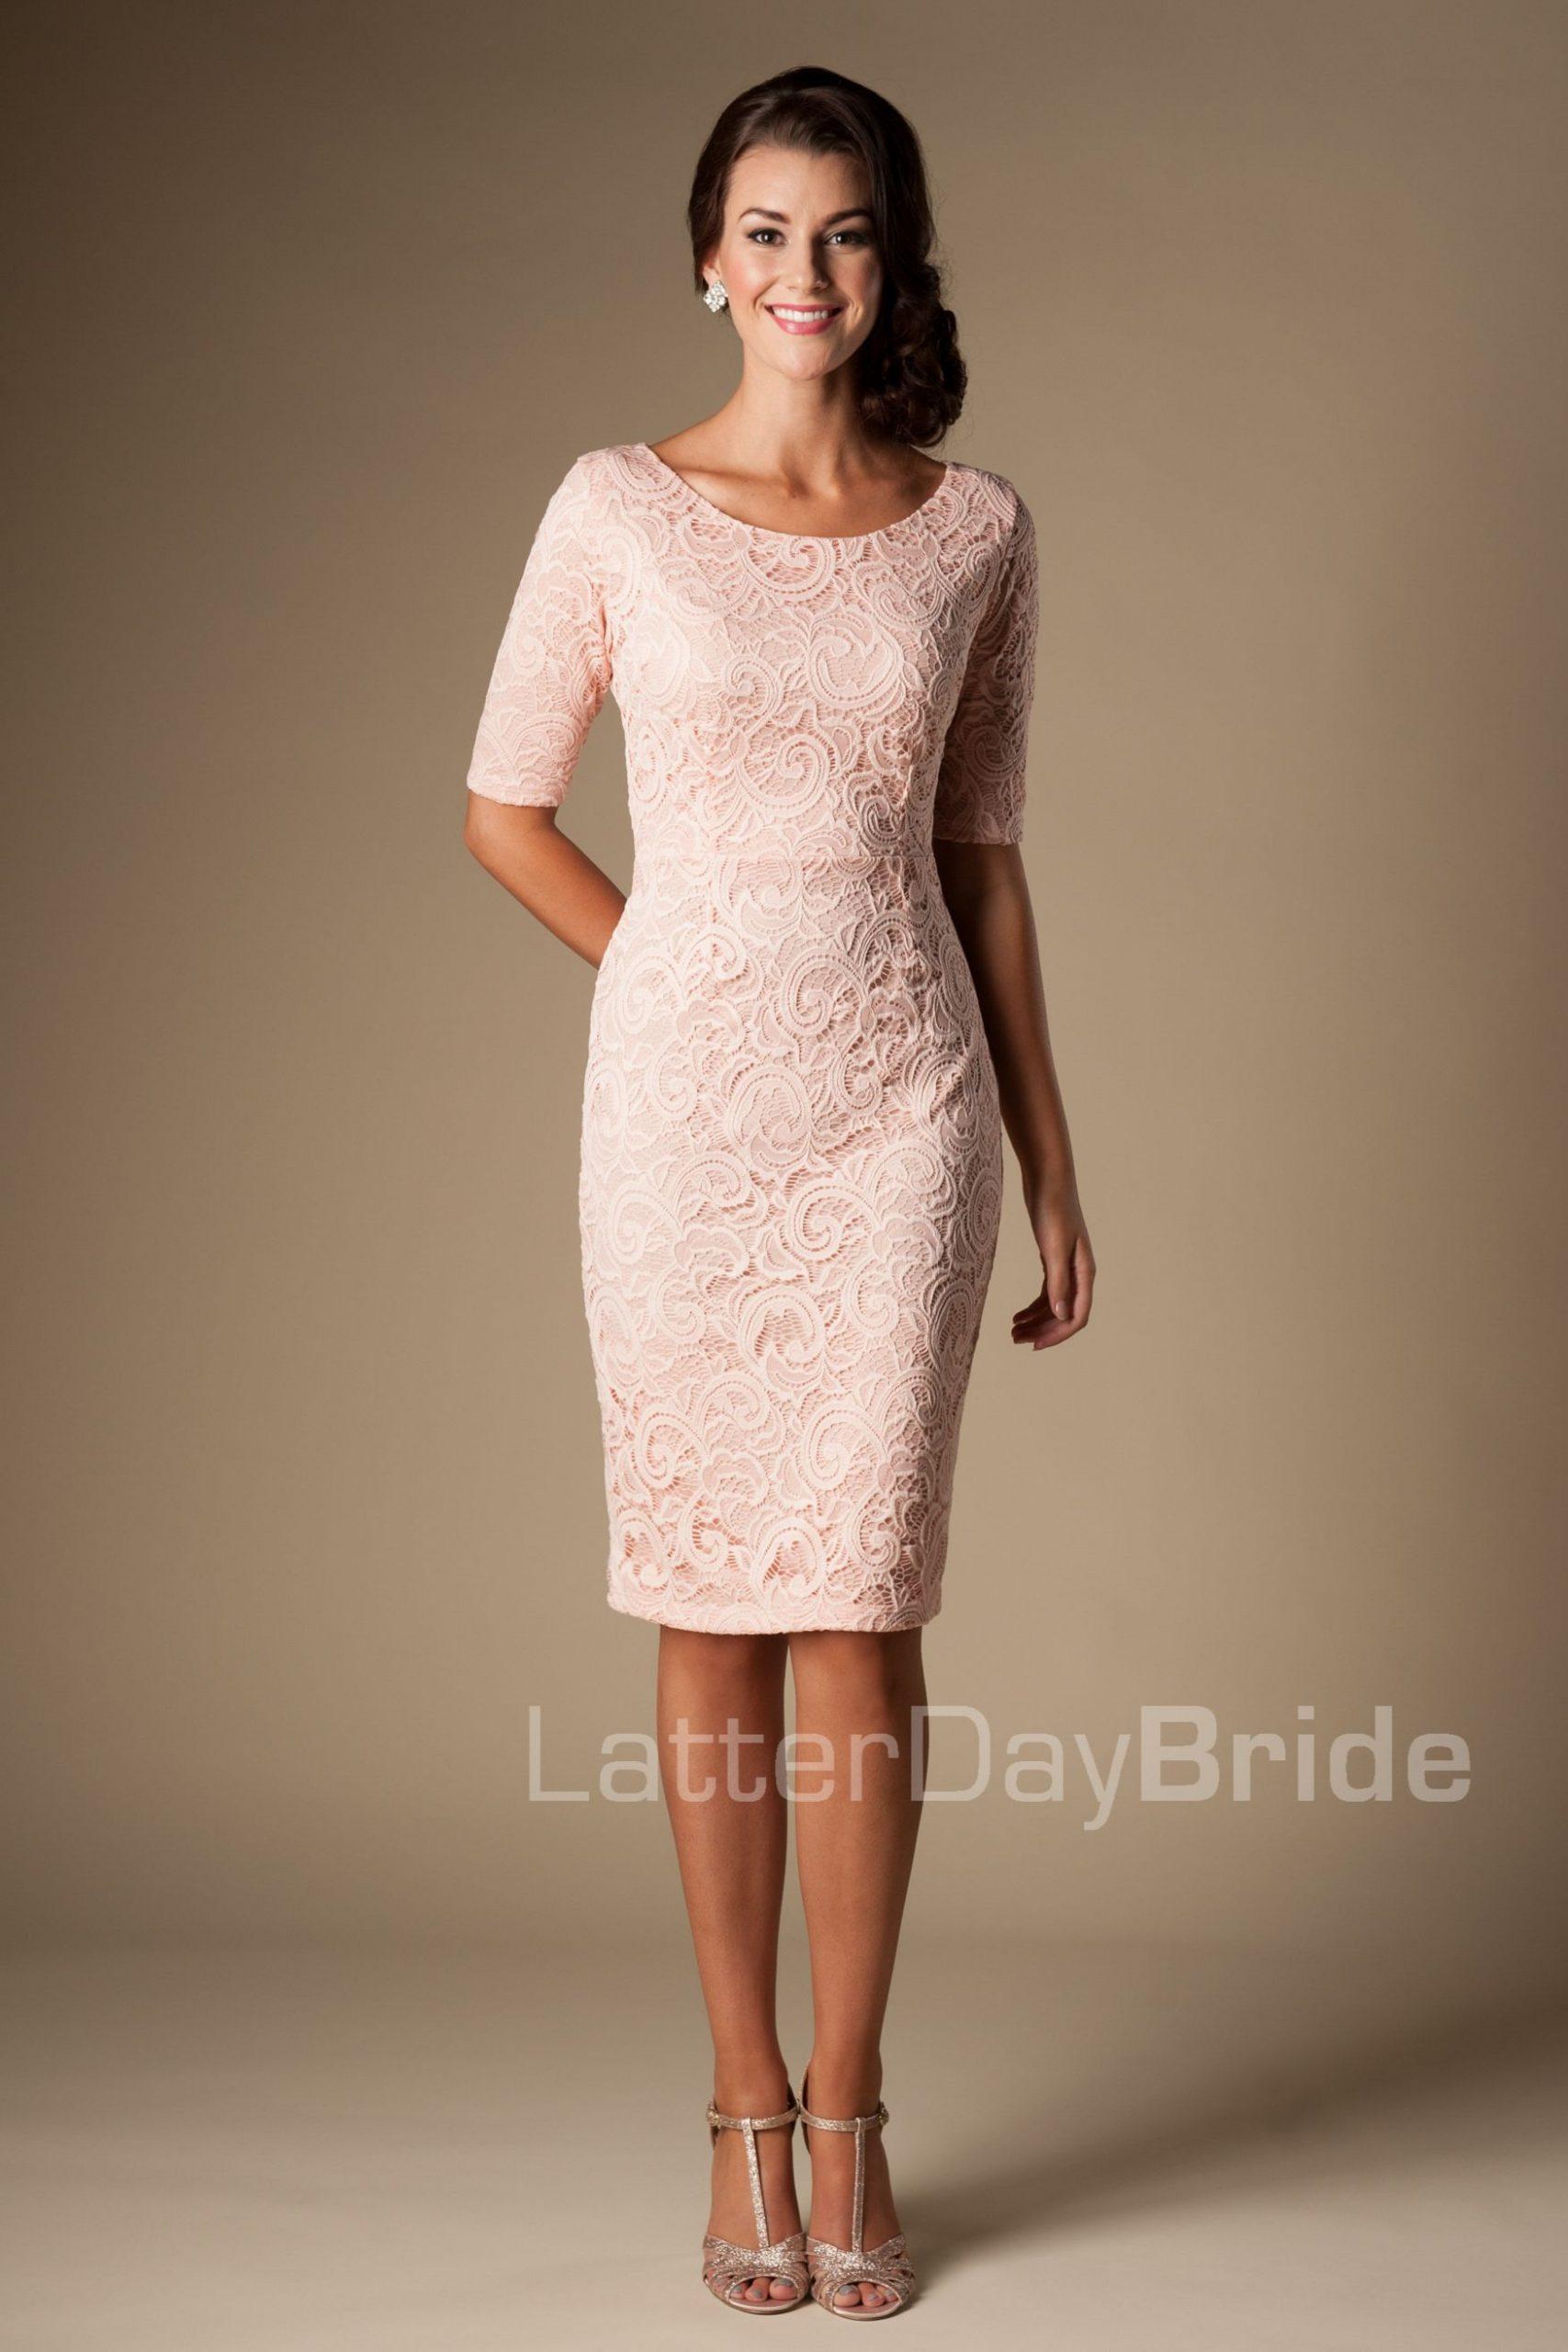 20 Luxurius Hochzeit Abend Kleider BoutiqueAbend Cool Hochzeit Abend Kleider Galerie